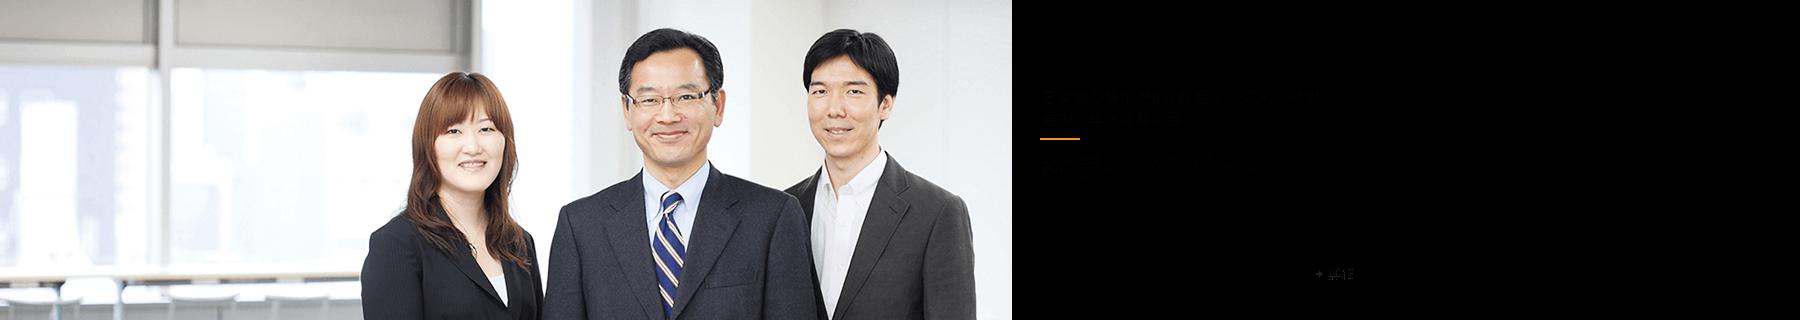 """日本初の修士""""知的財産マネジメント""""が最短1年で取得可能 教授インタビュー"""